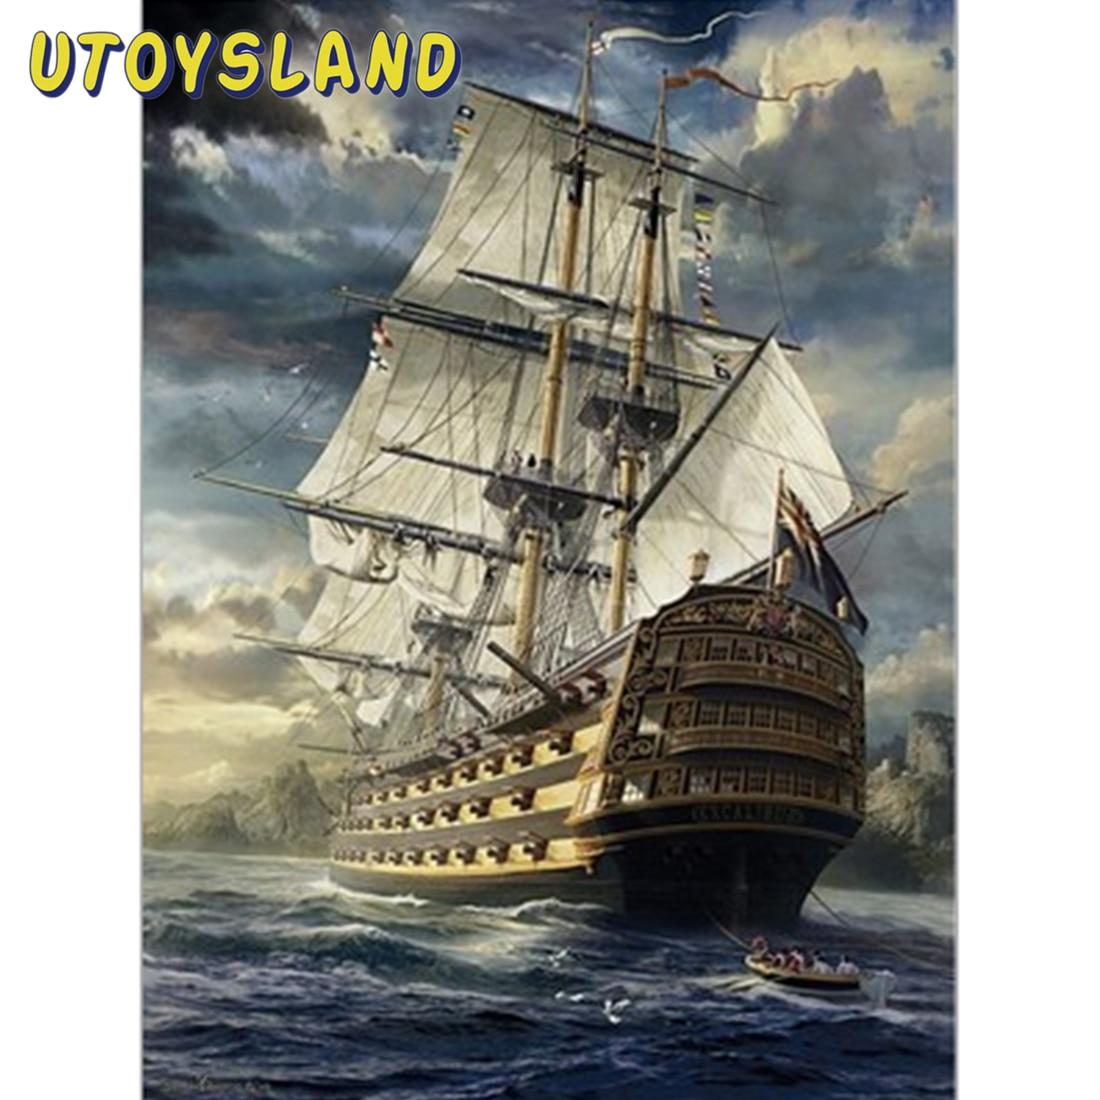 Utoysland 1000 peças quebra-cabeça crianças quebra-cabeças brinquedos educativos para crianças adulto quebra-cabeças montagem decoração